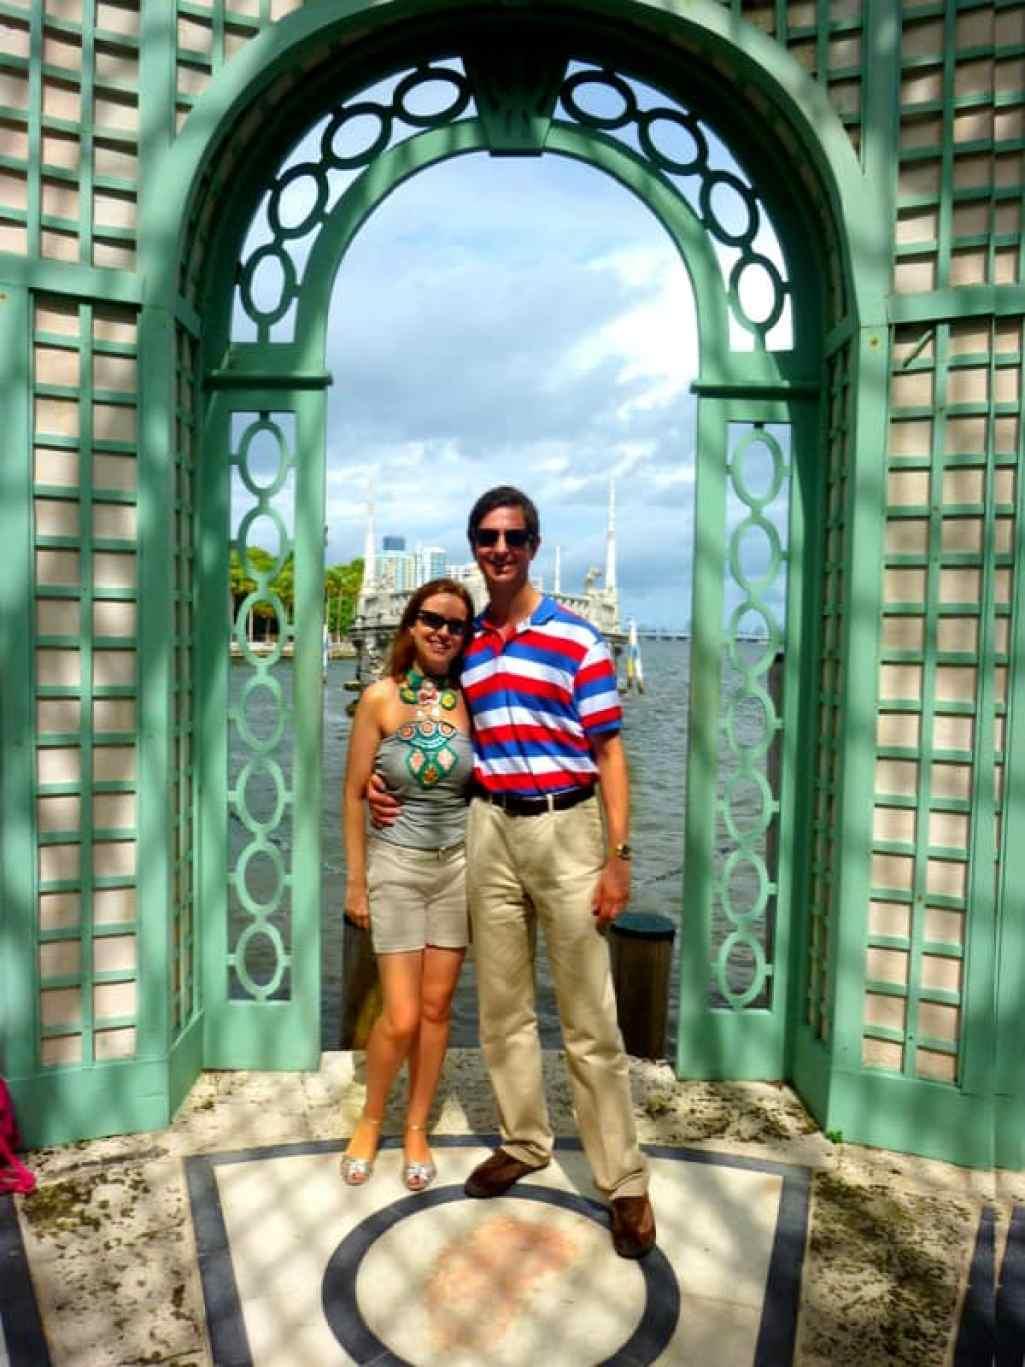 Vizcaya Florida review